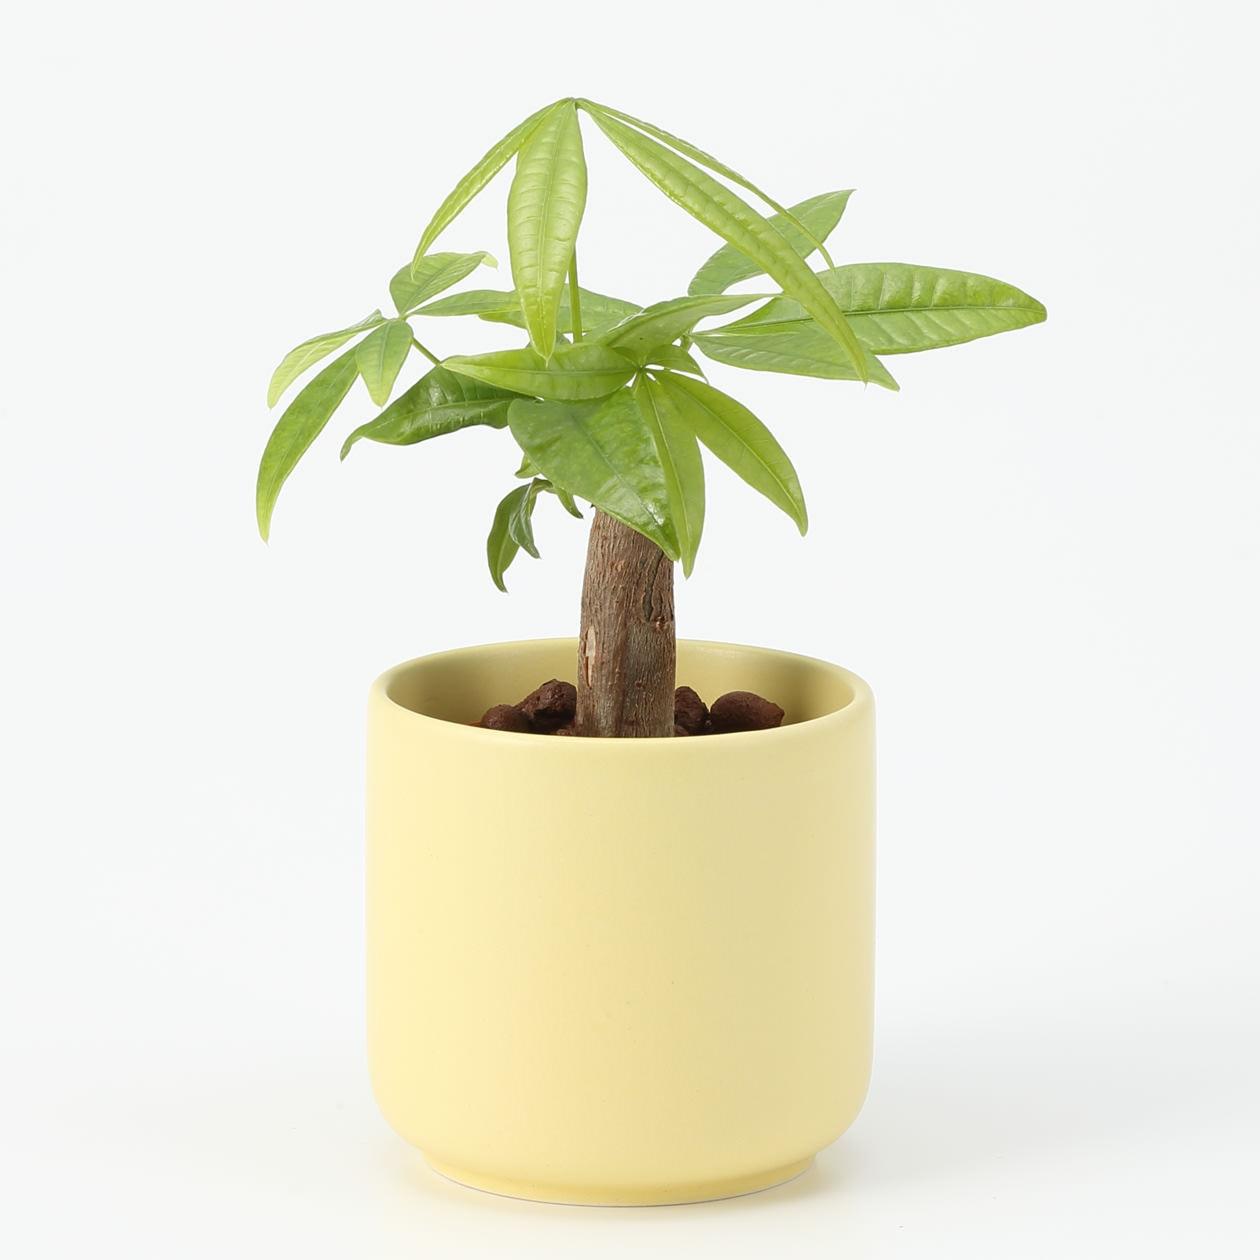 【ネット限定】瀬戸焼の鉢 パキラ 2.5号